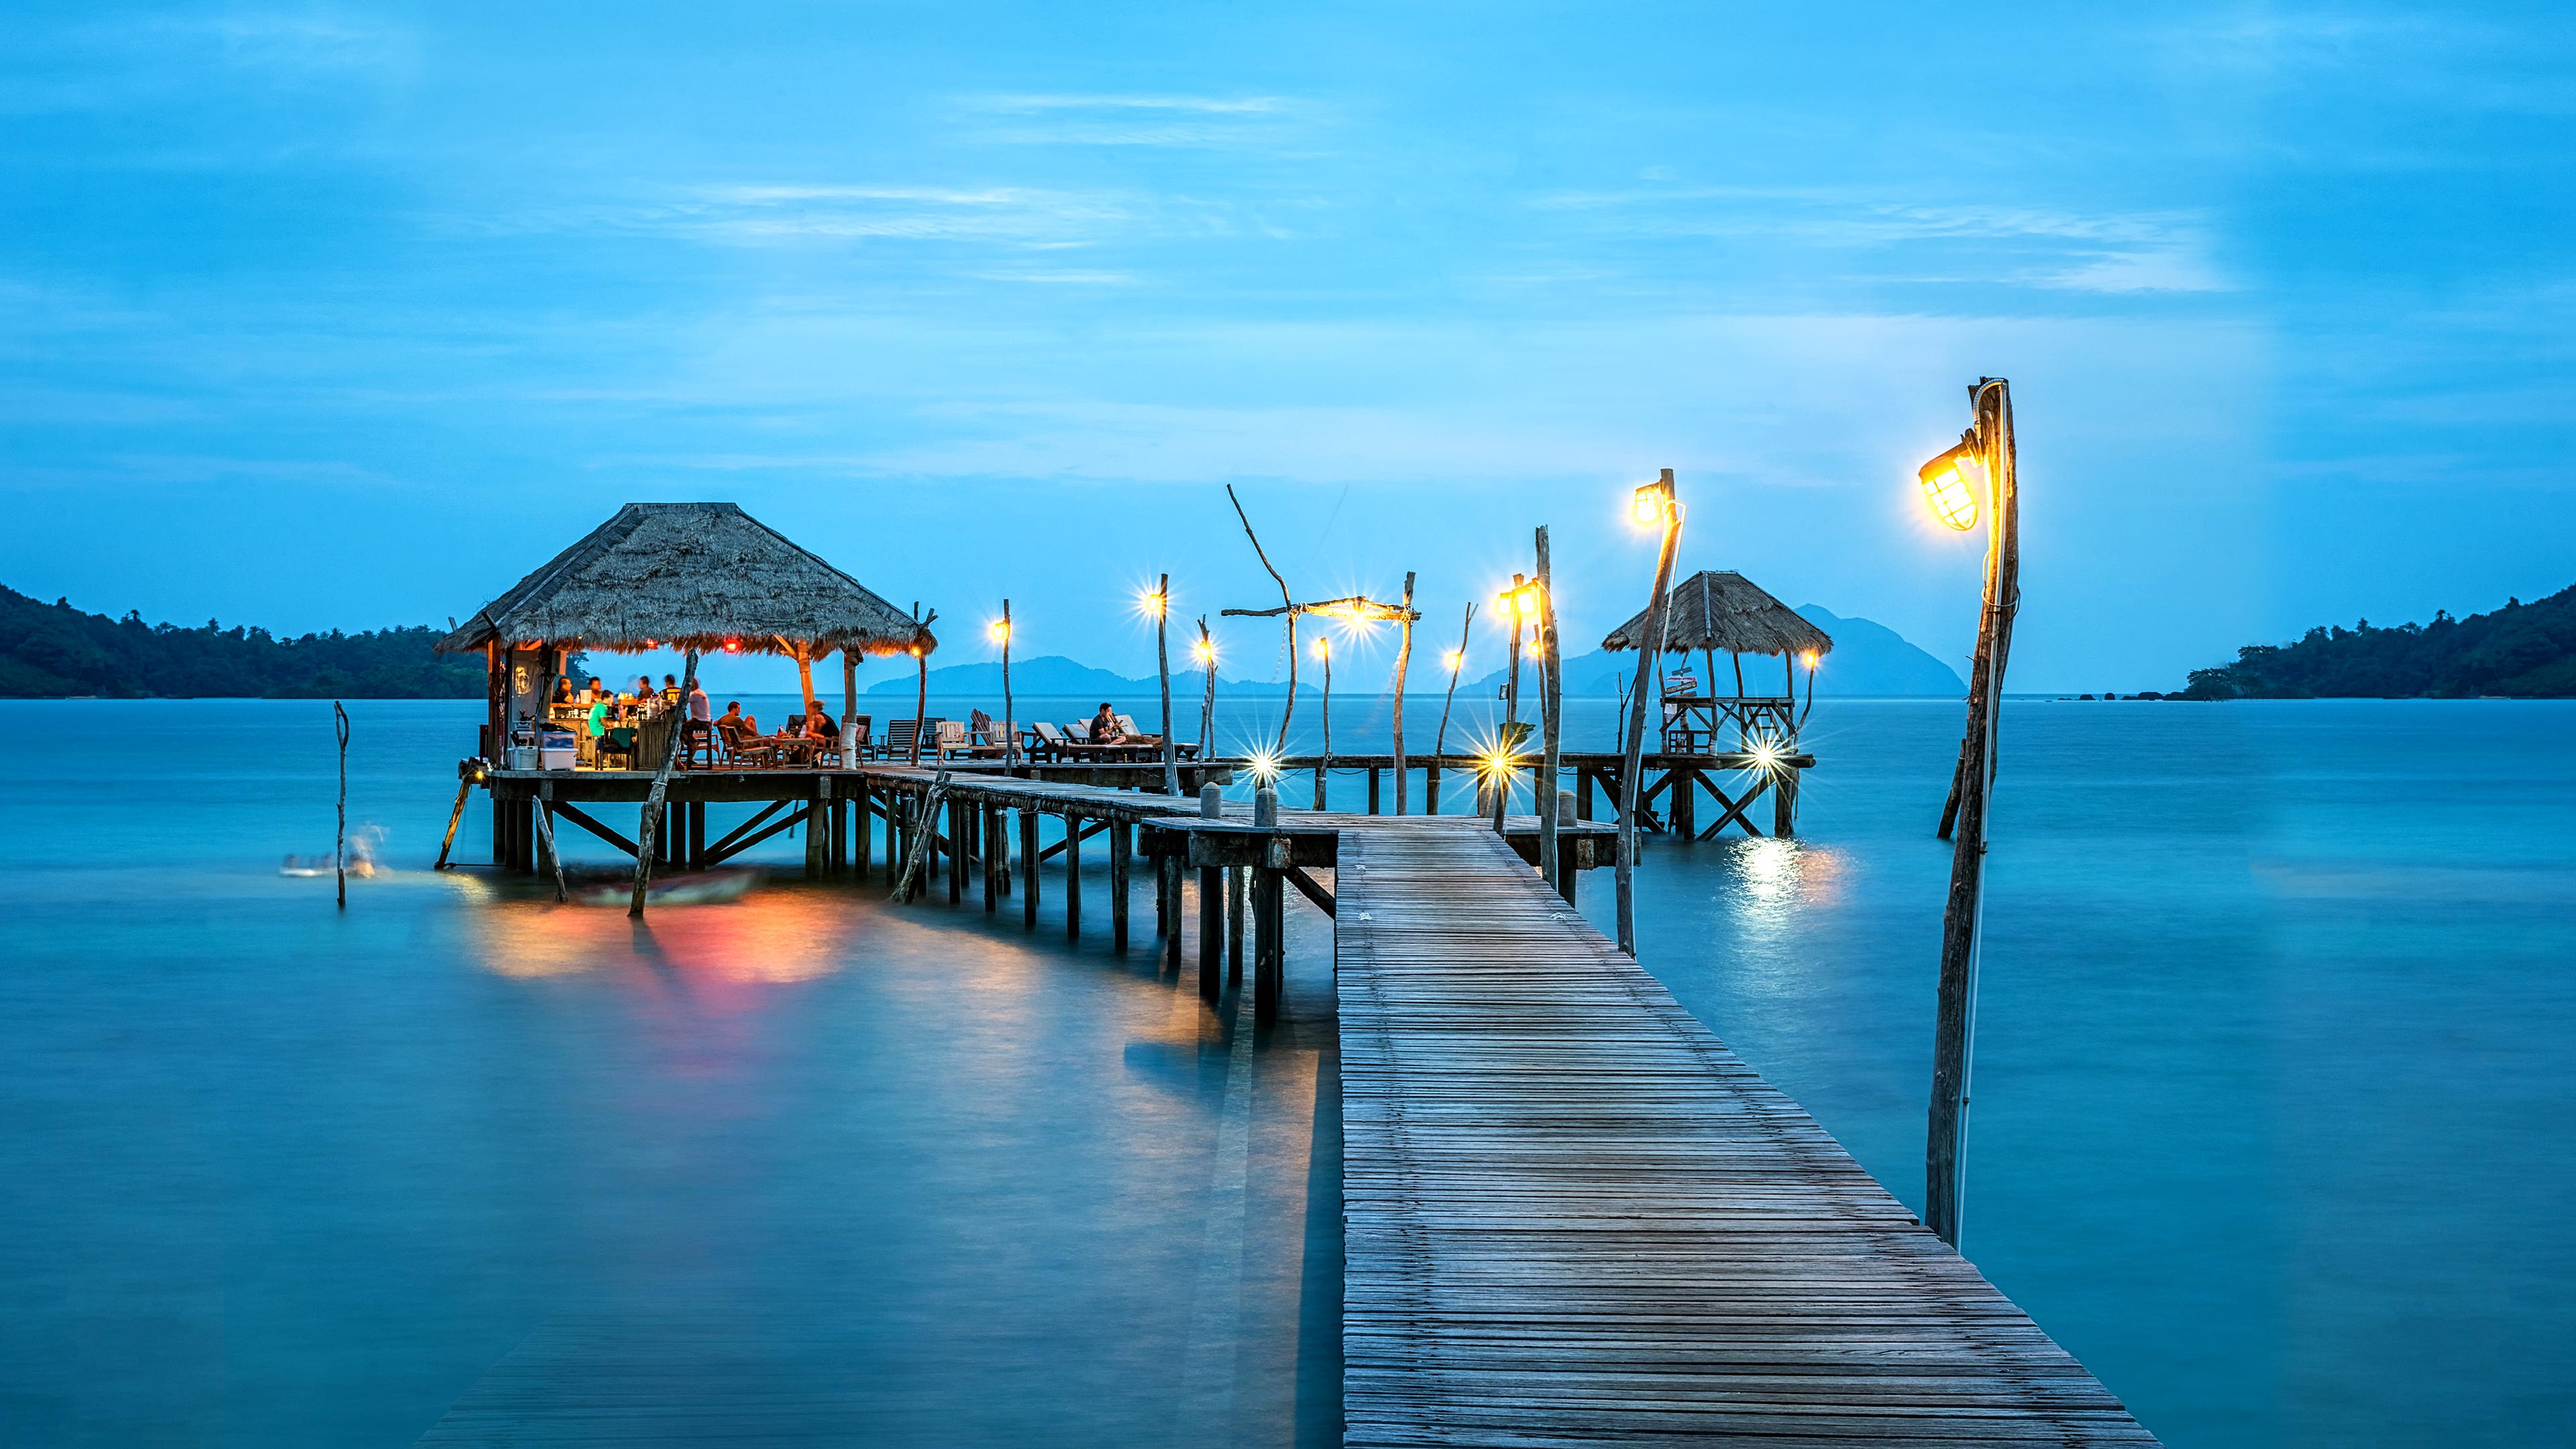 4k Beach Wallpaper For Pc Ideas In 2020 Honeymoon Destinations Resort Beach Wallpaper